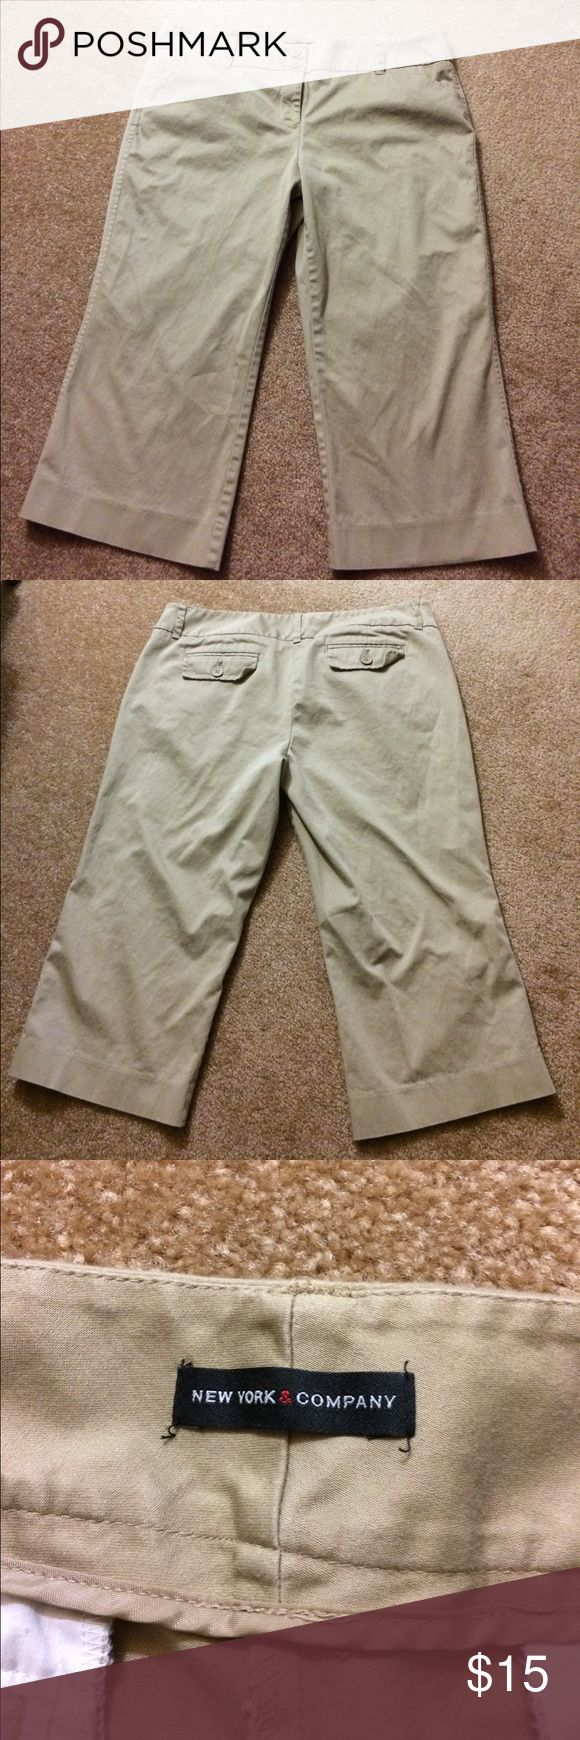 Khaki capris New York and company khaki capris,like new! New York & Company Pants Capris